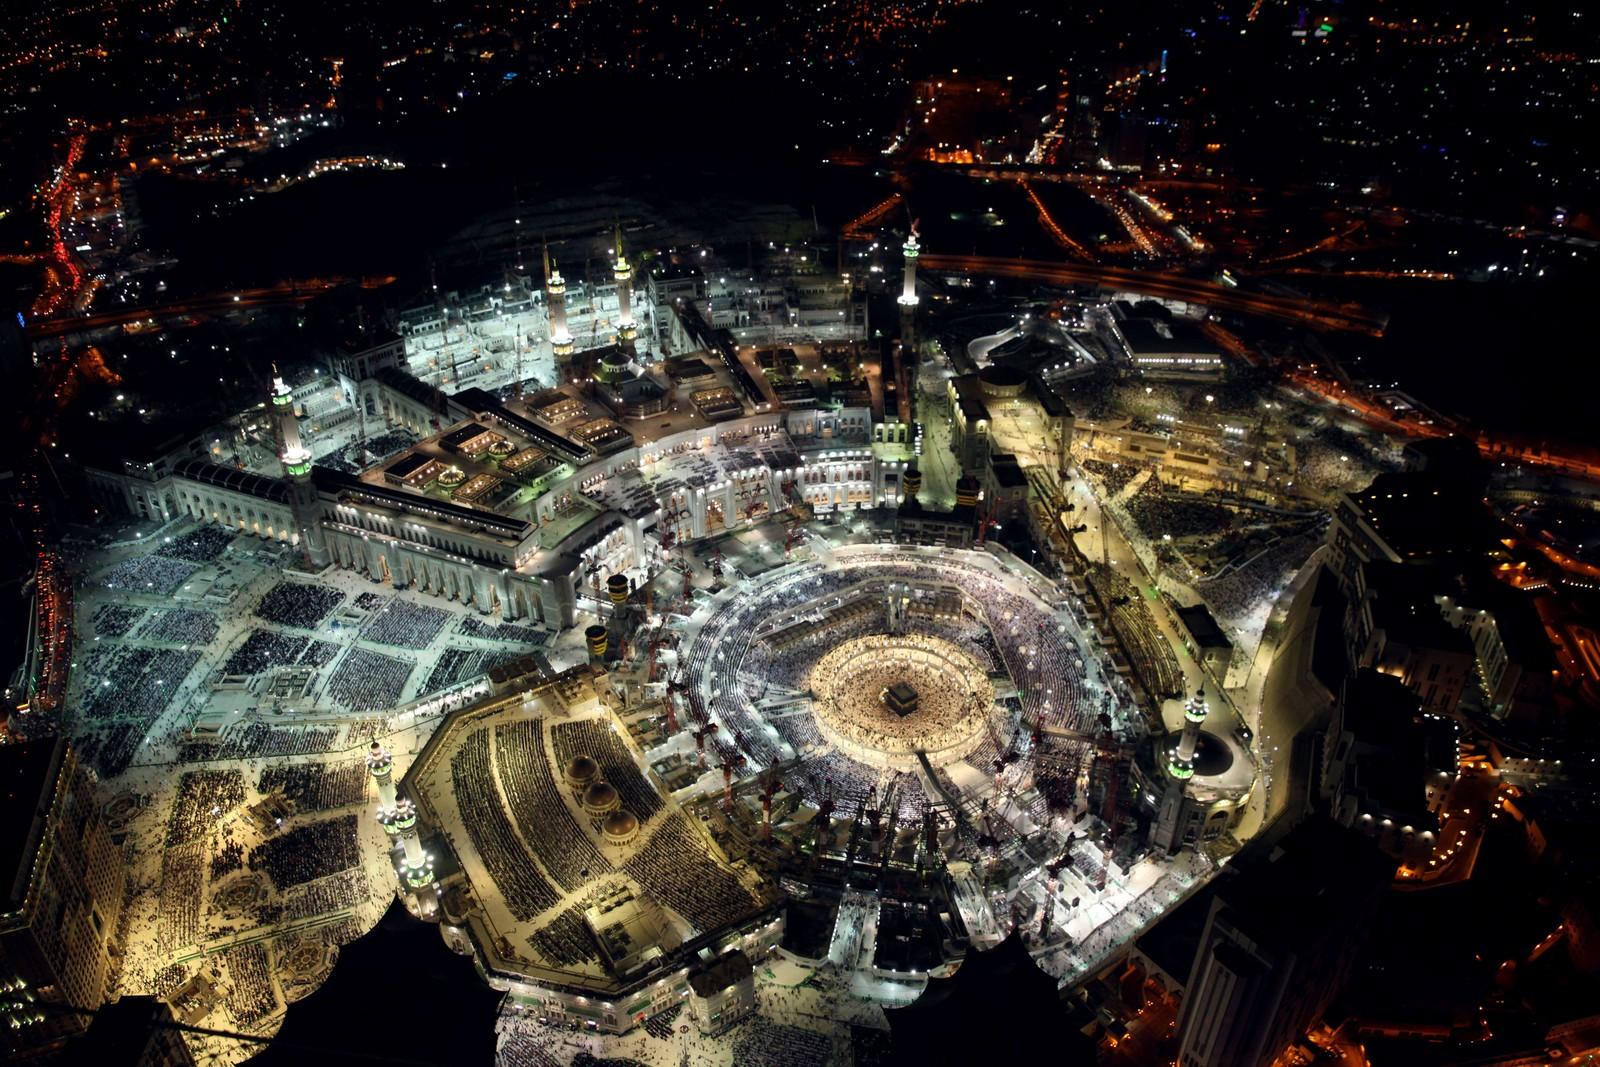 Slik ser det ut fra oven når tusenvis samles for å feire slutten på Ramadan i Mekka.